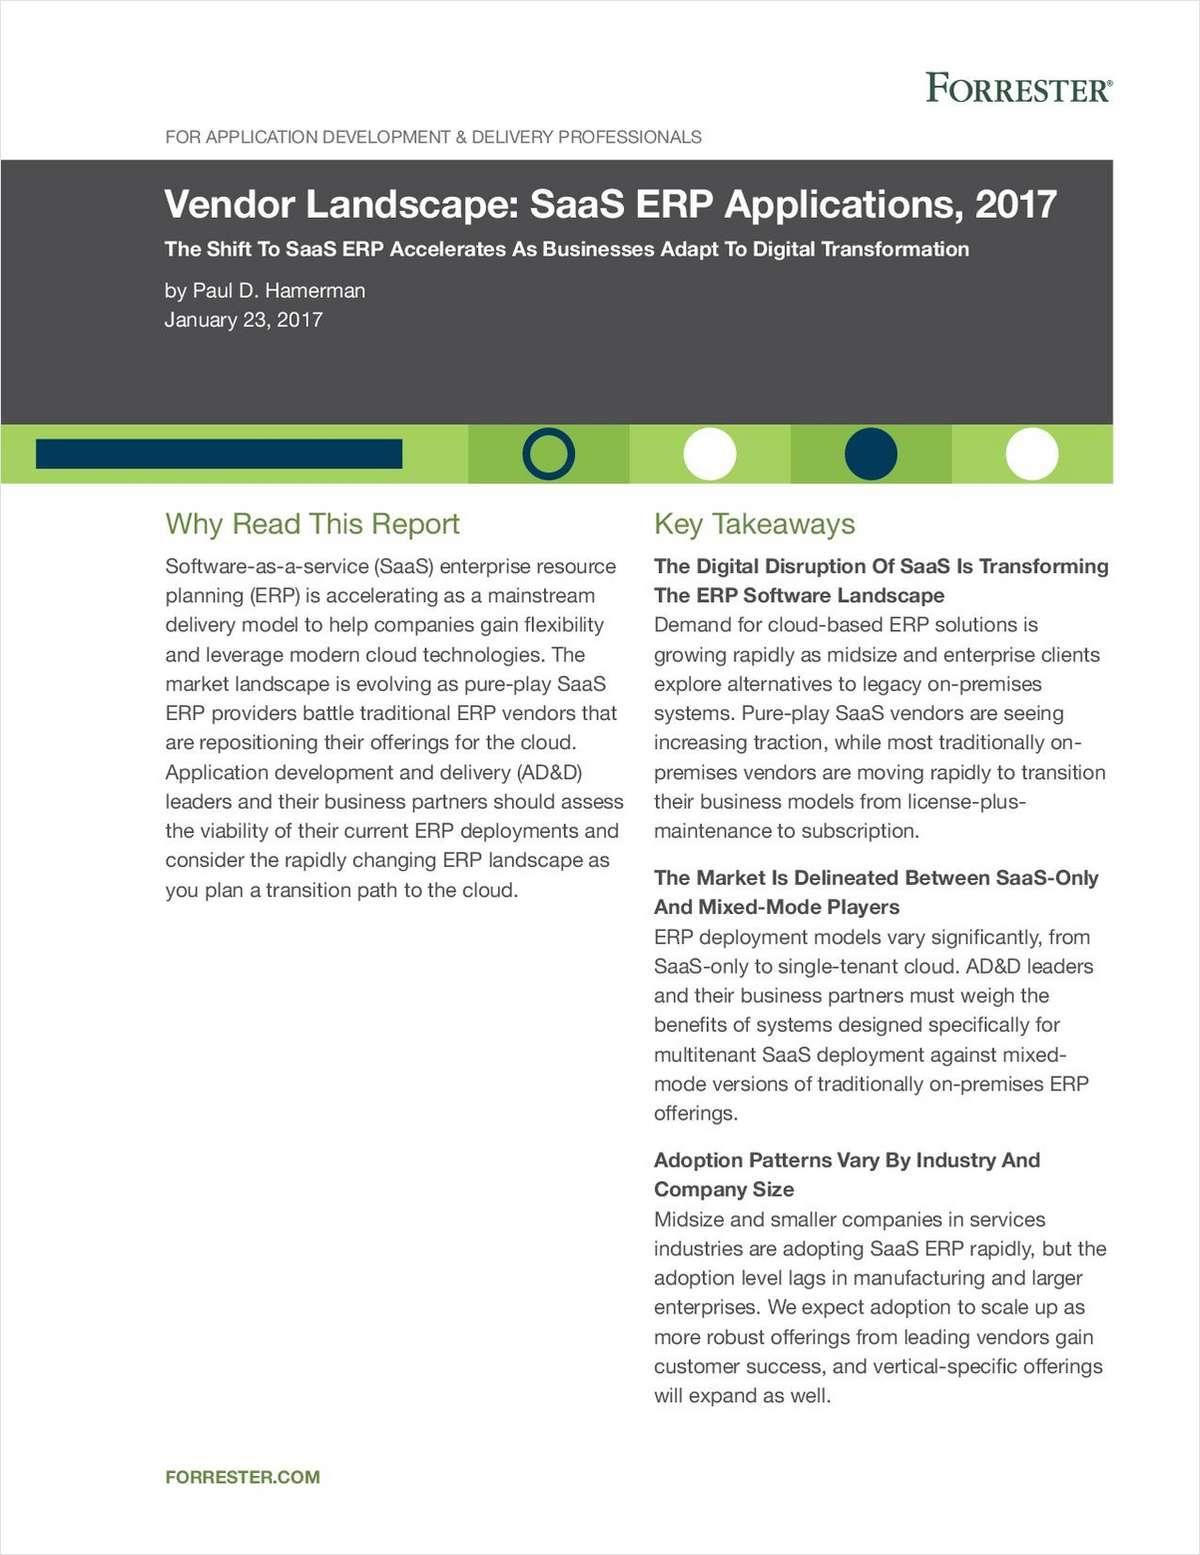 Forrester Vendor Landscape: SaaS ERP Applications, 2017